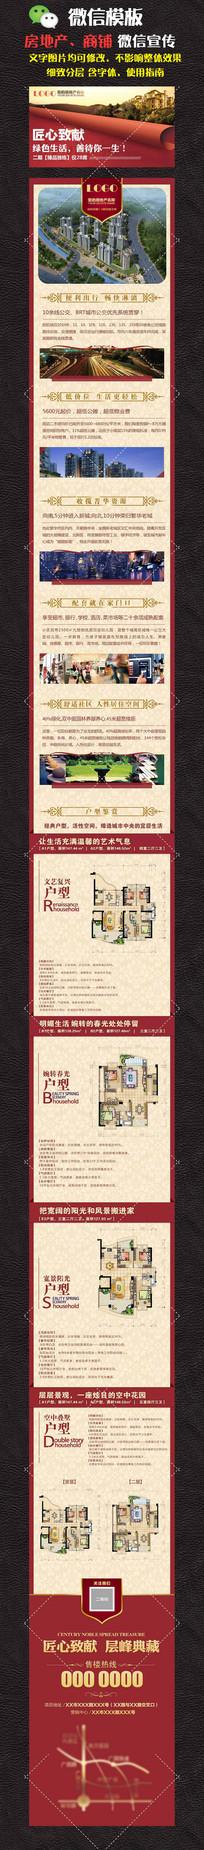 房地产宣传微信图文信息psd模板